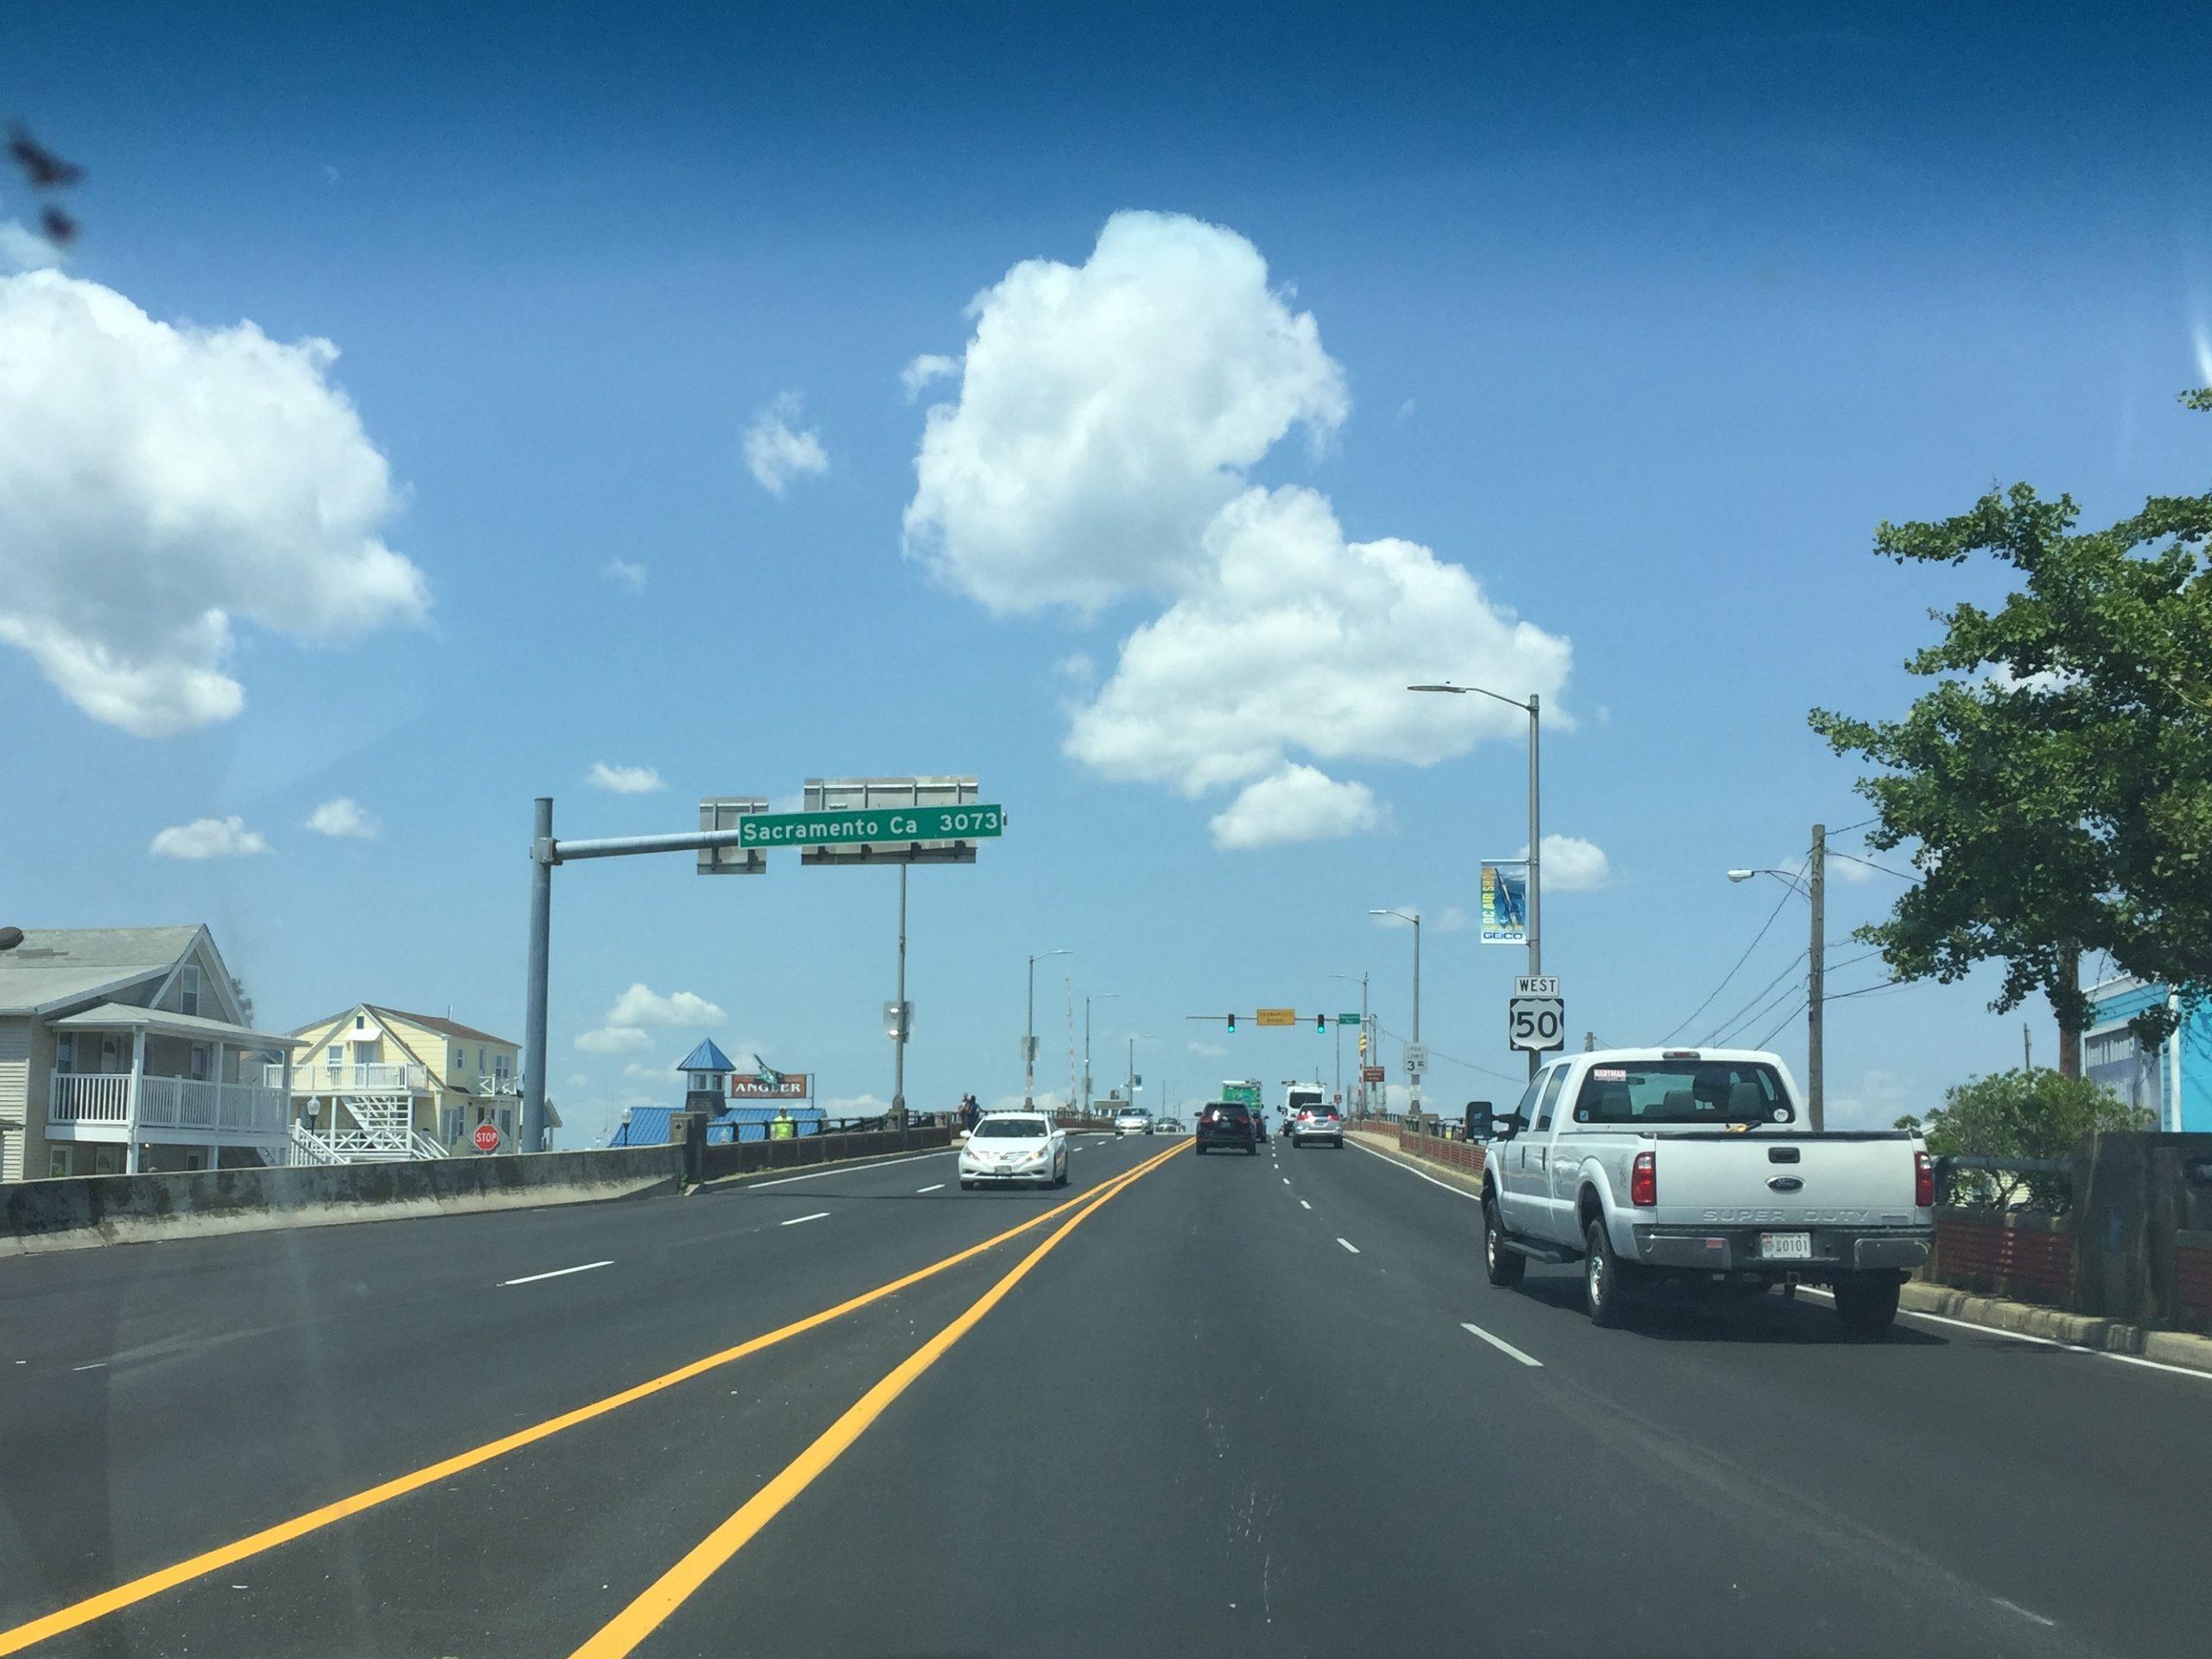 Street US-50